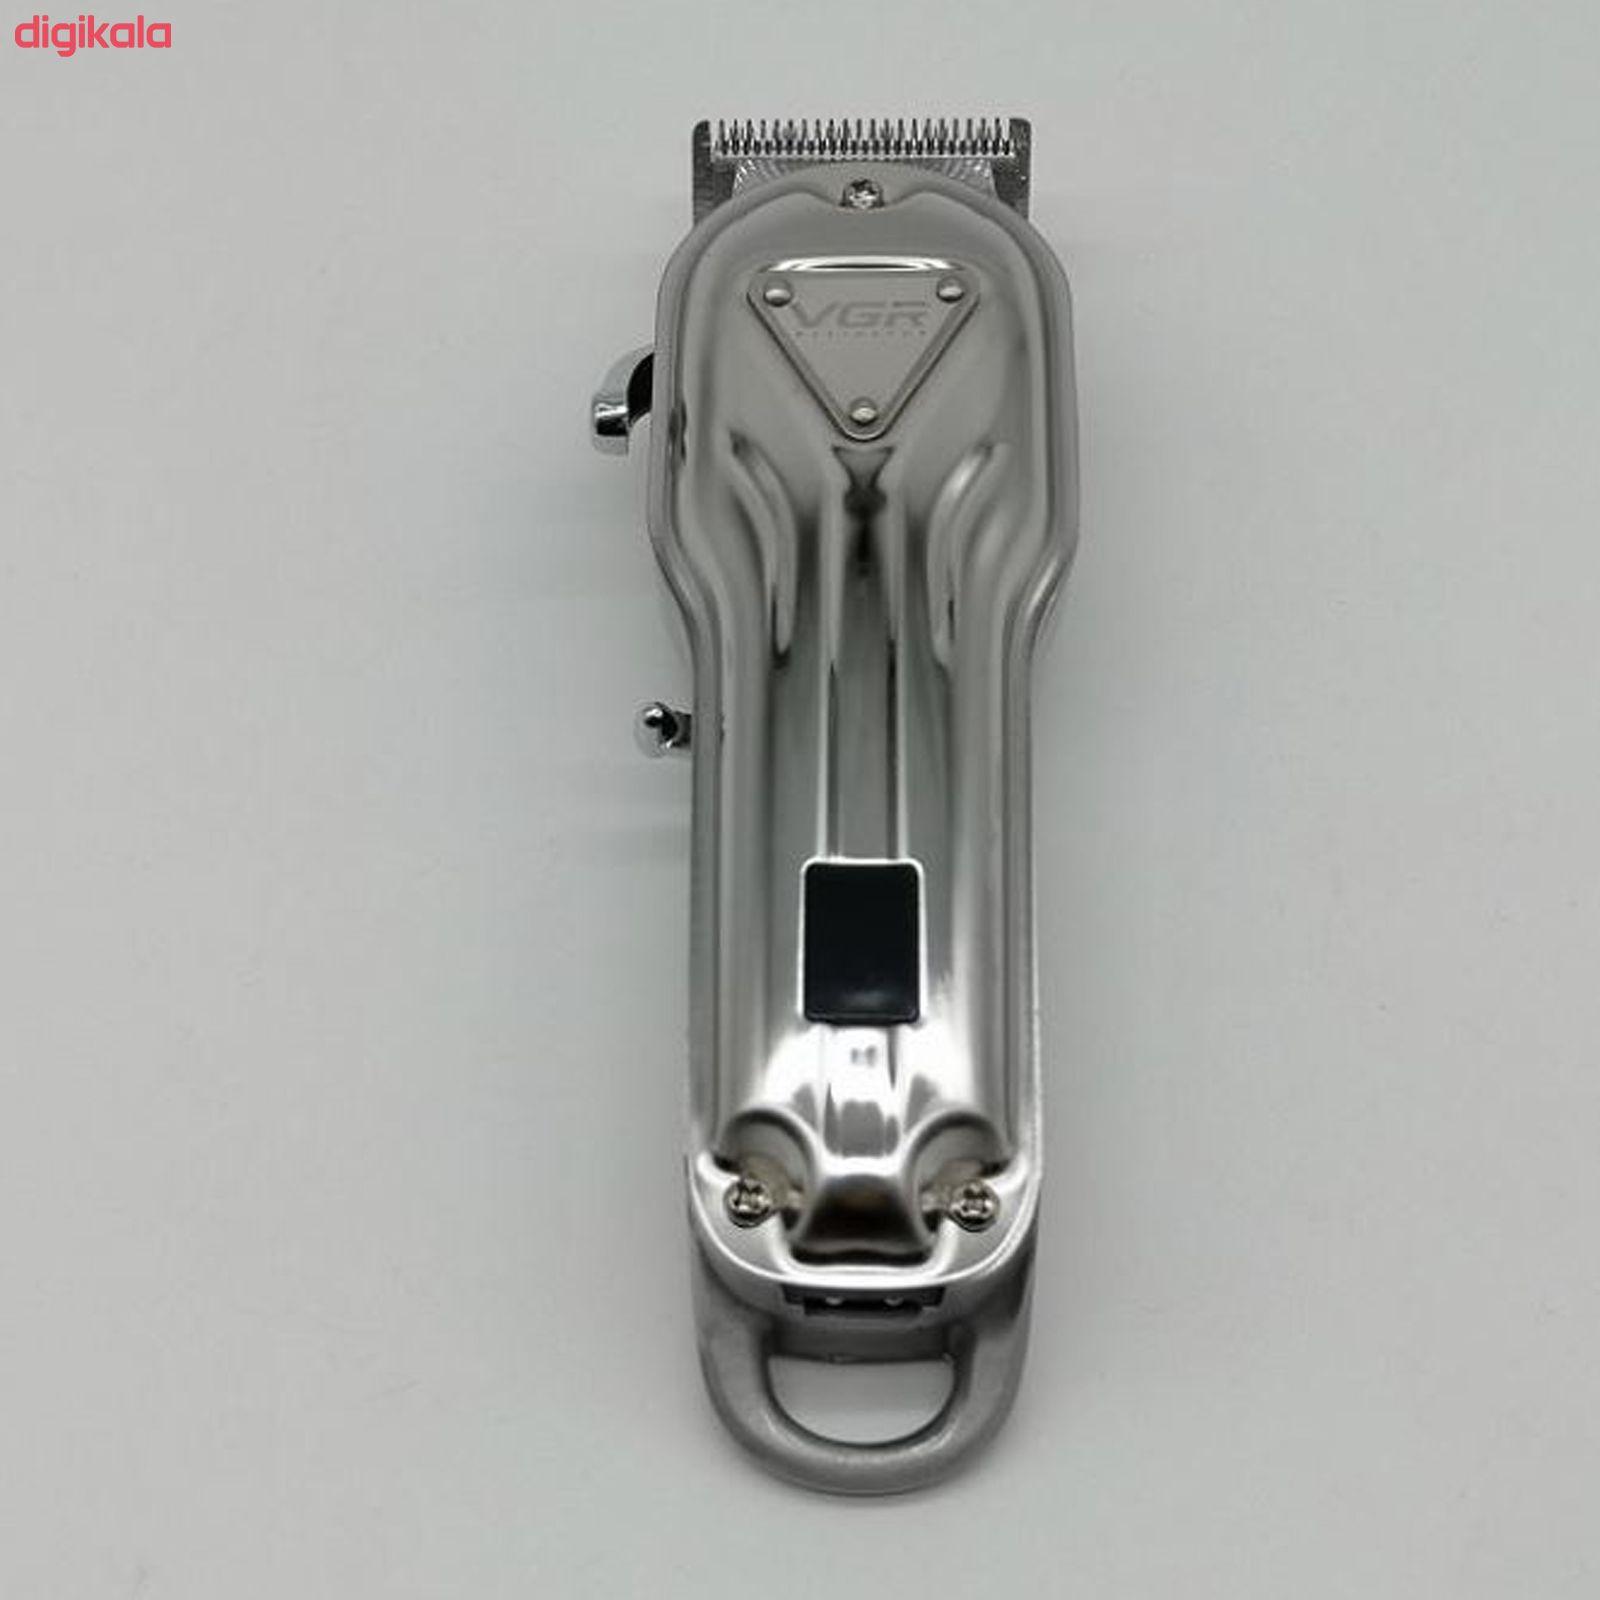 ماشین اصلاح موی سر و صورت وی جی ار مدل V-134 main 1 4